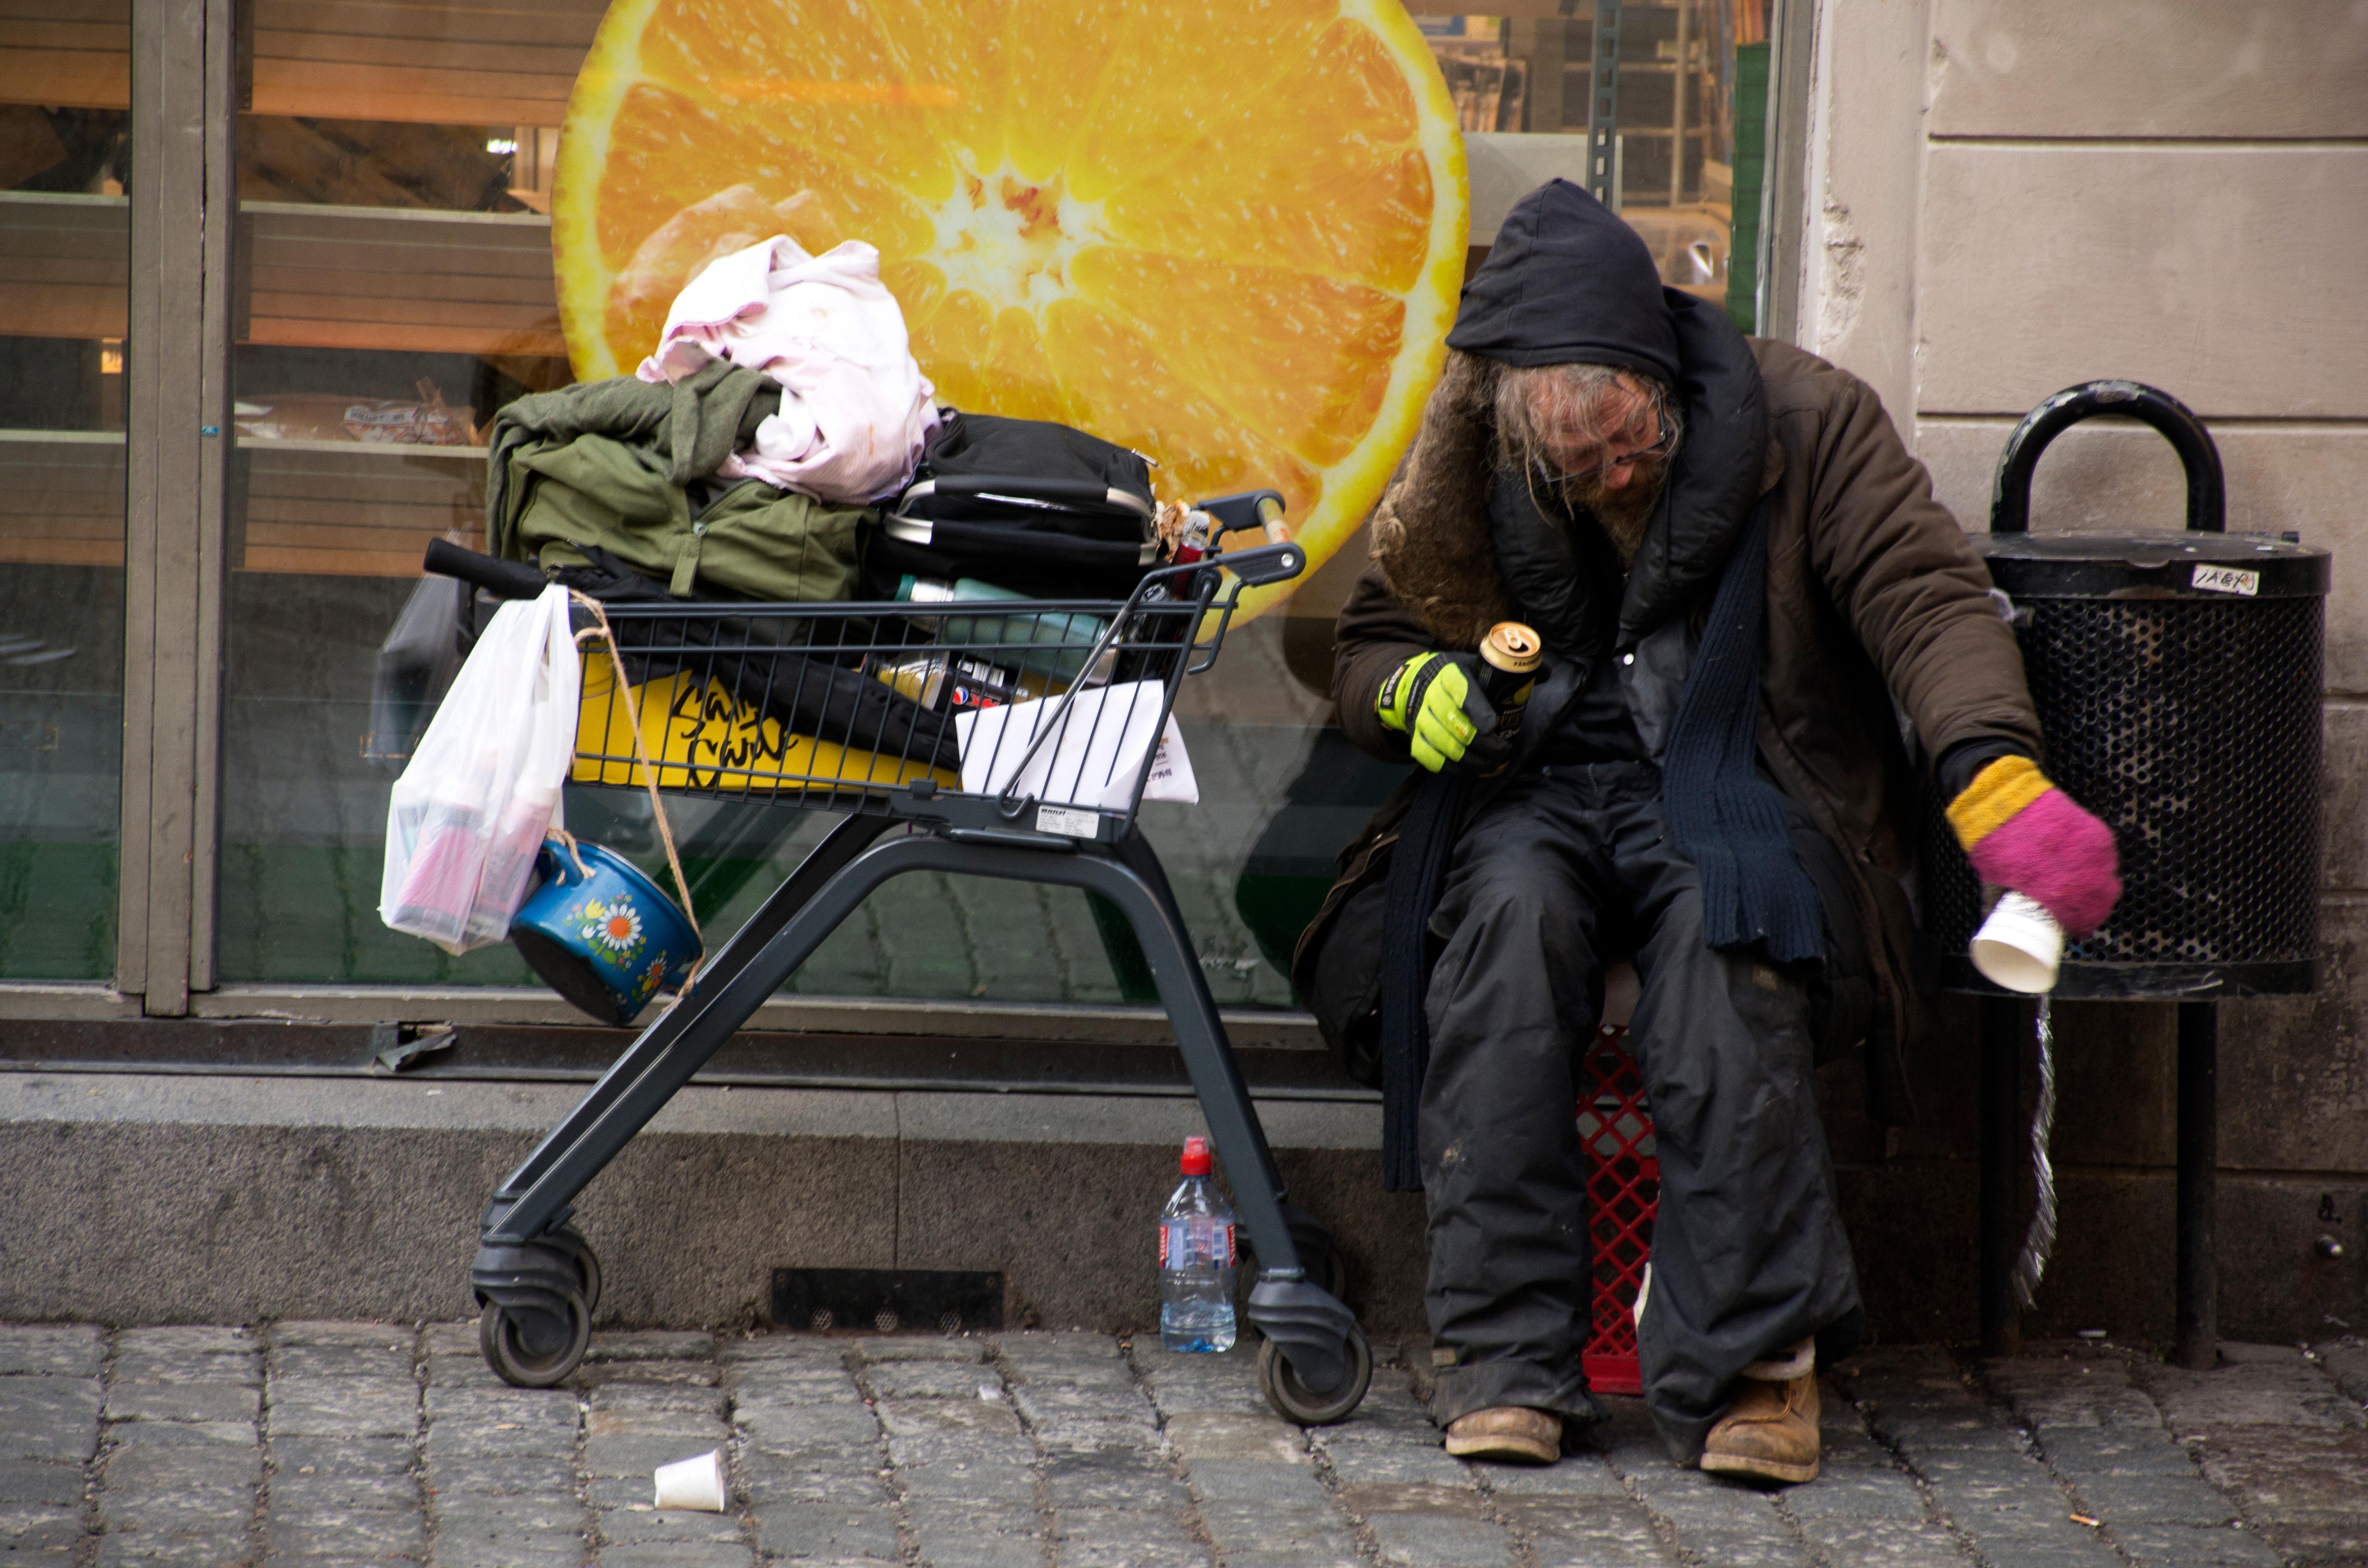 Bland äldre och svaga lever många som fattigpensionär eller faktiskt inte har något hem, säger Jeanette Höglund.